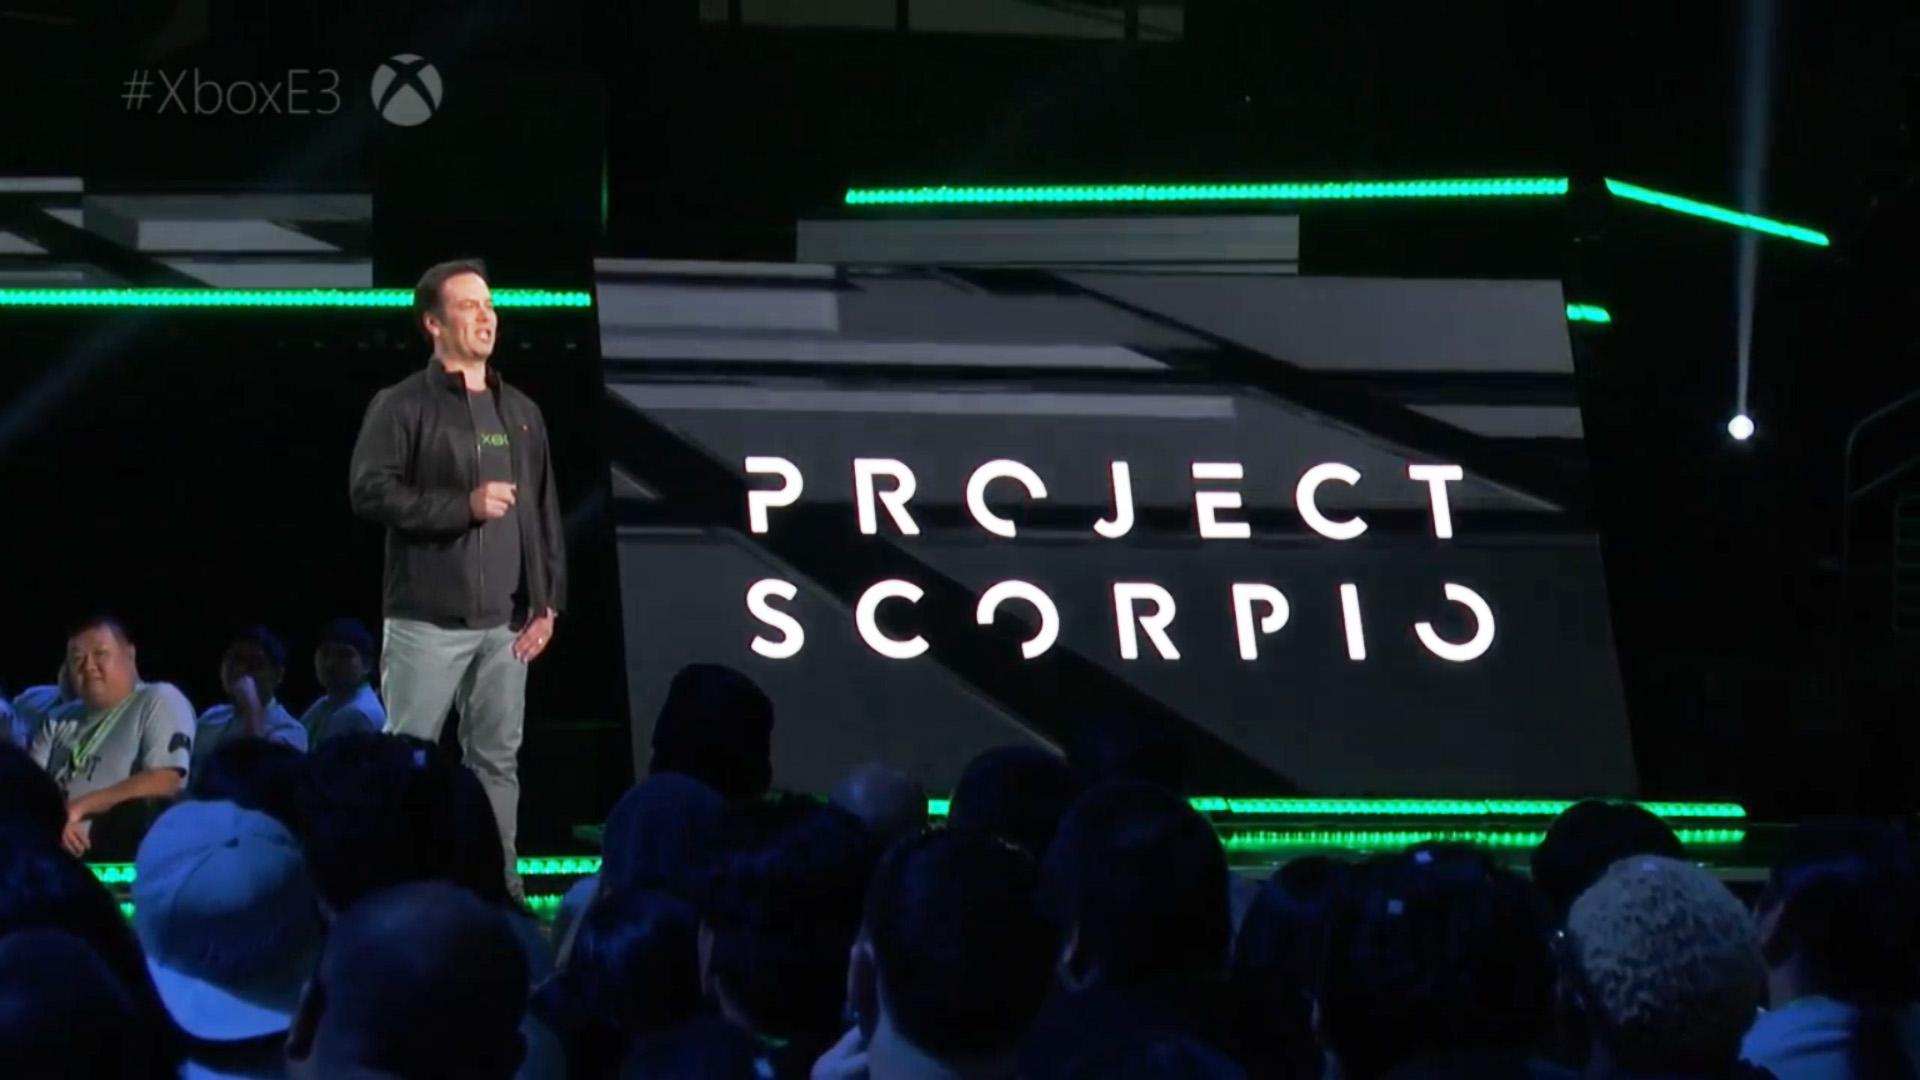 Anunciado na E3 anterior como Project Scorpio, o Xbox One X chegou em lançamento mundial.